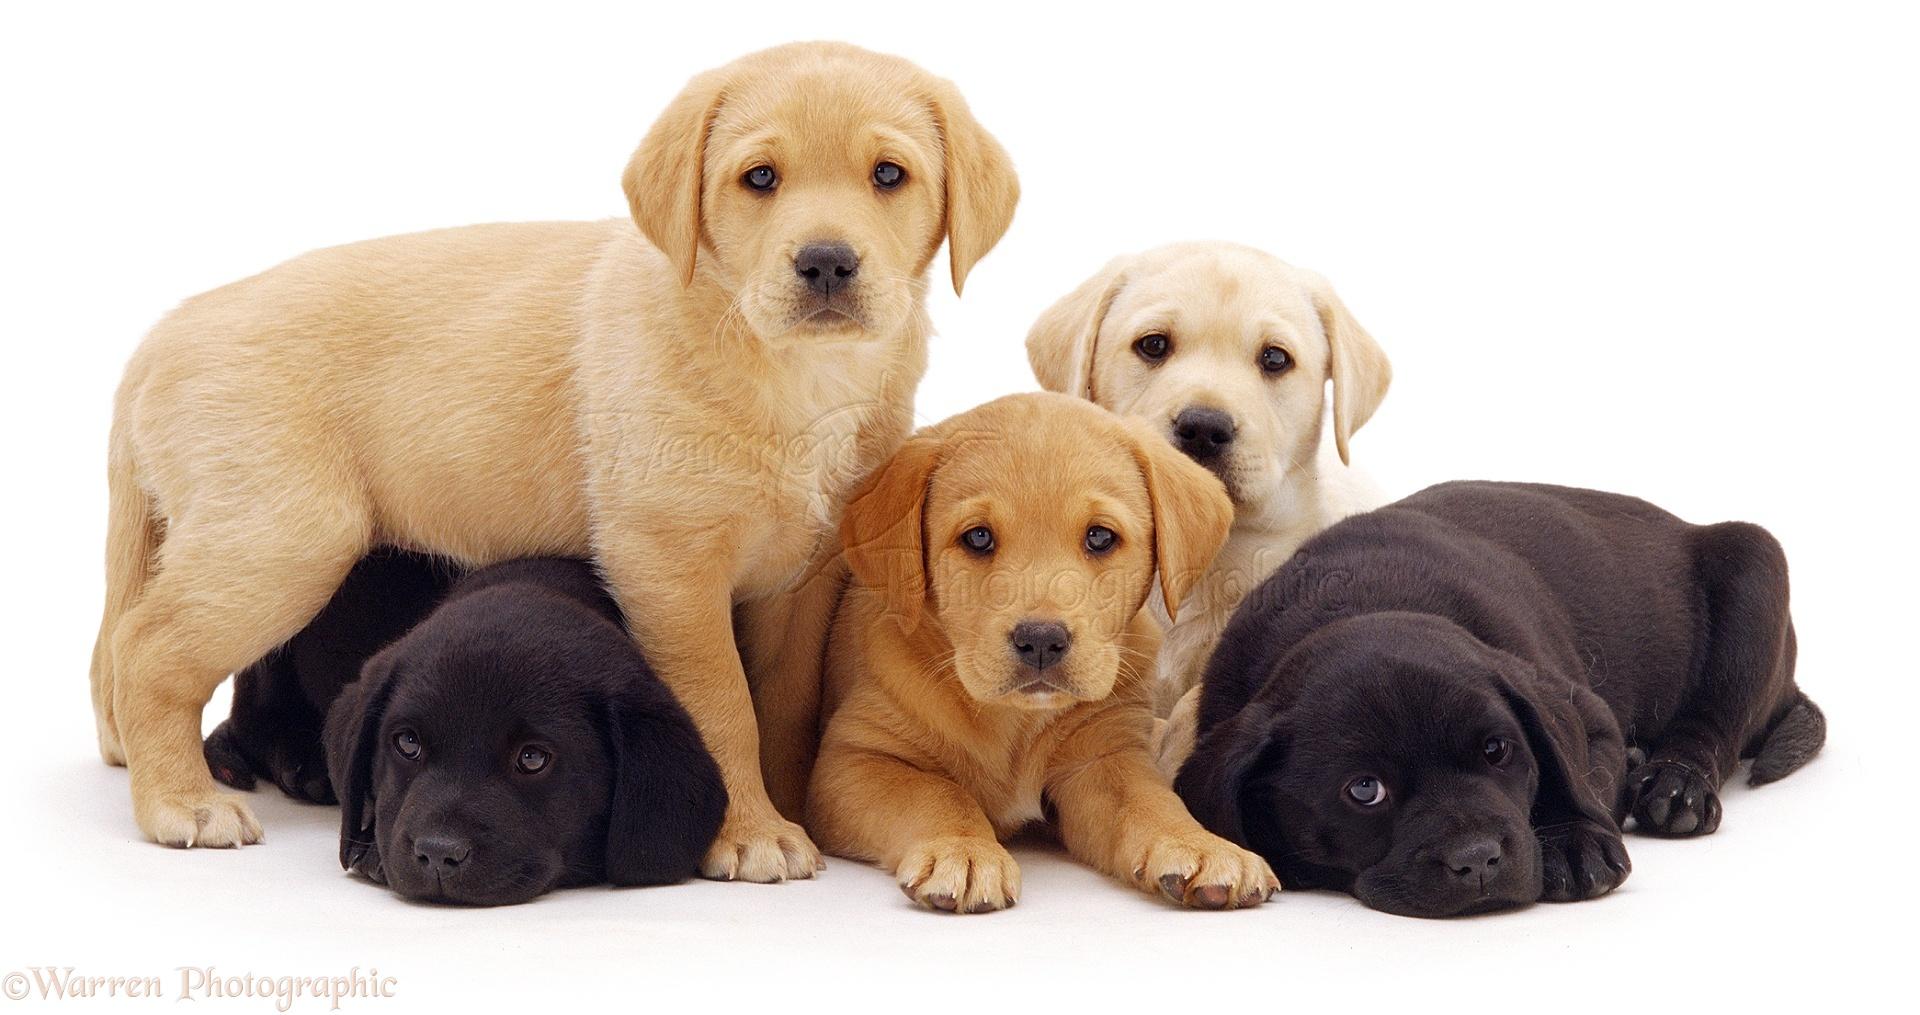 Old Puppy Dog